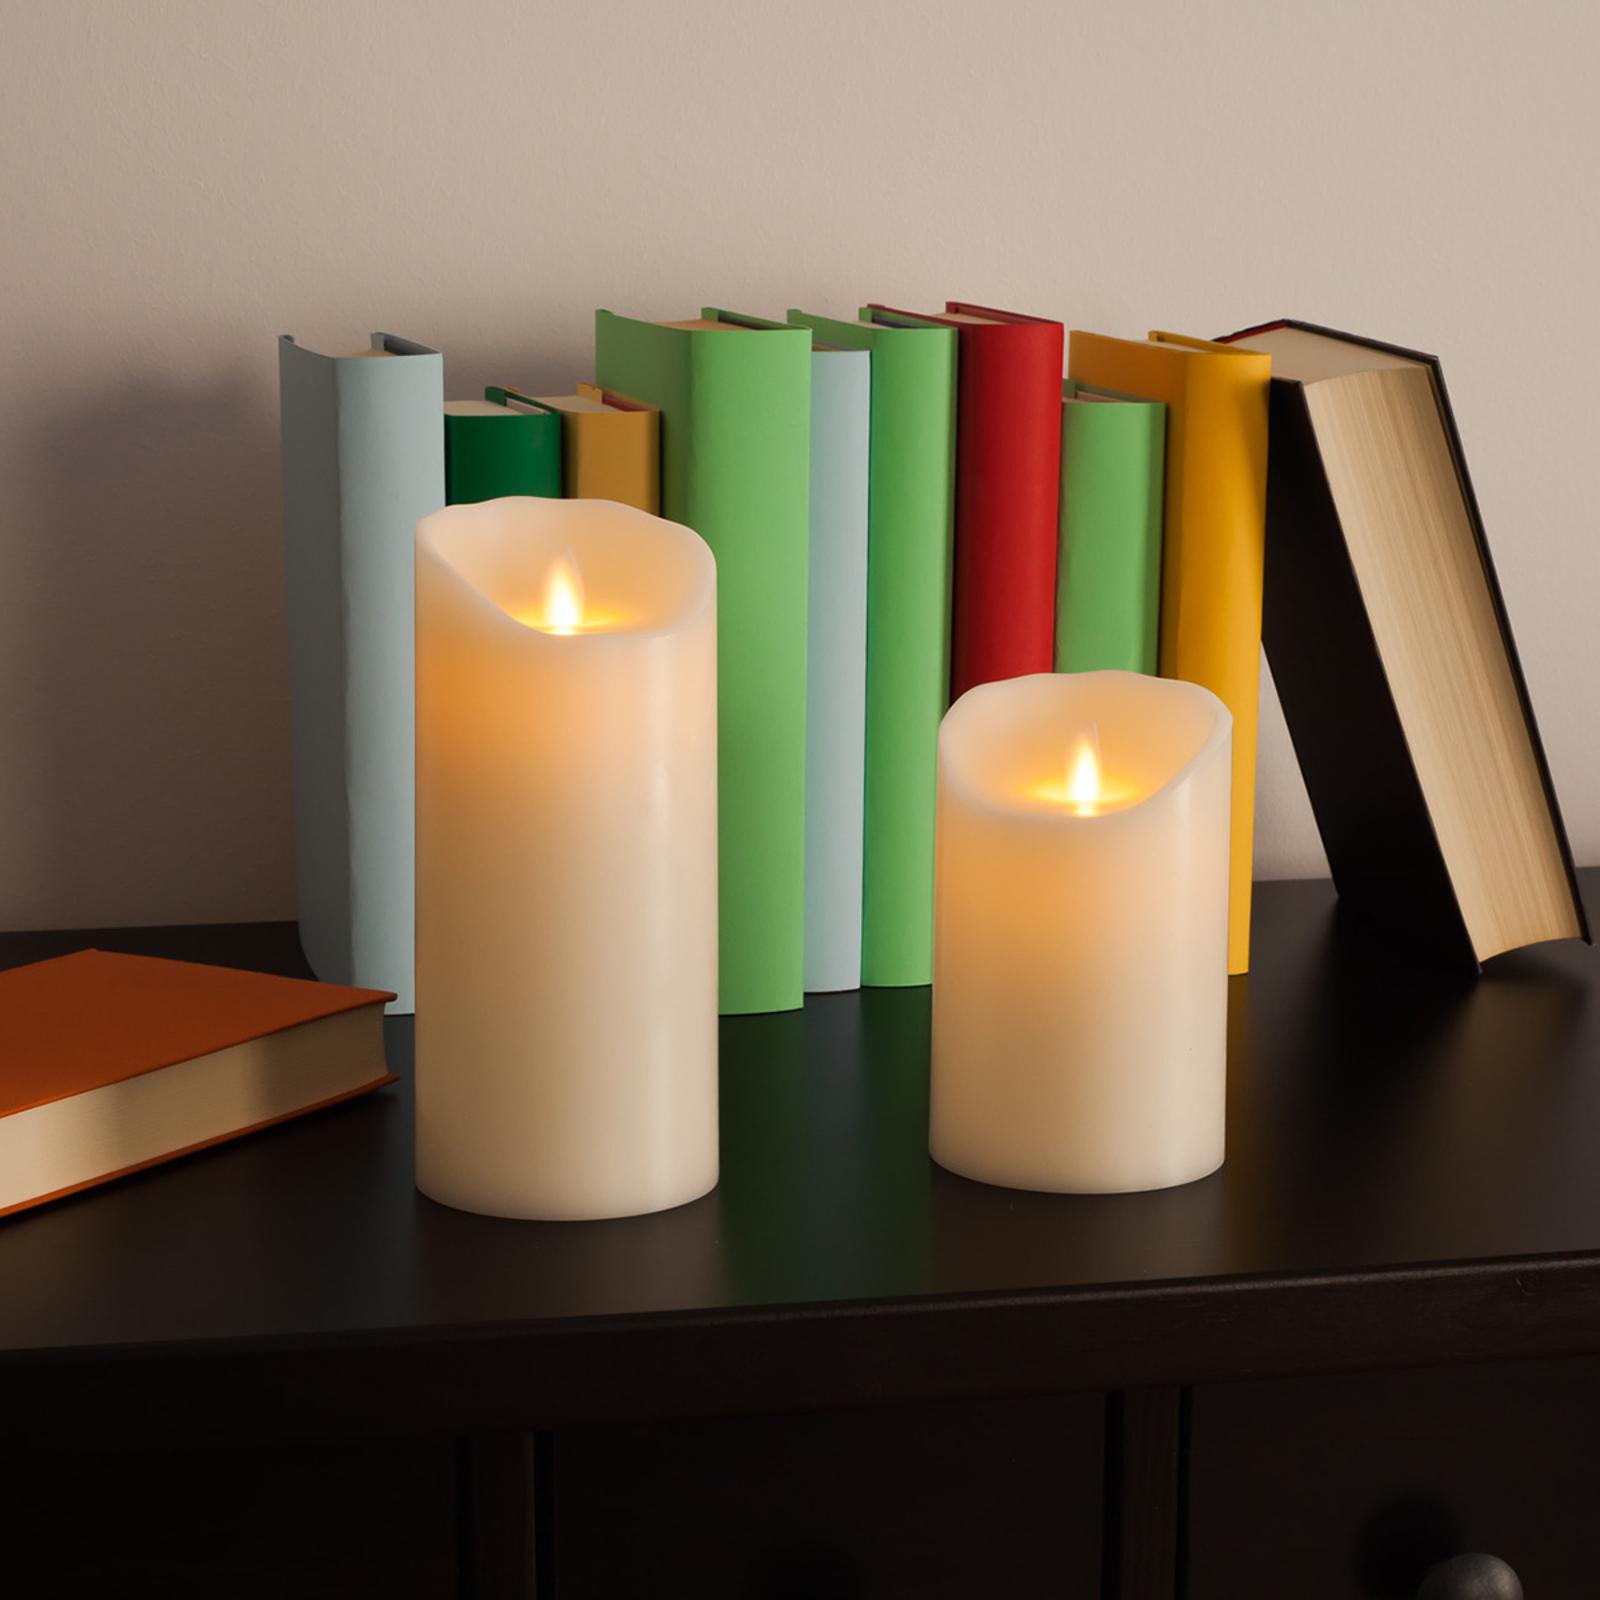 Flame LED-lys af rigtigt voks, 12,5 cm